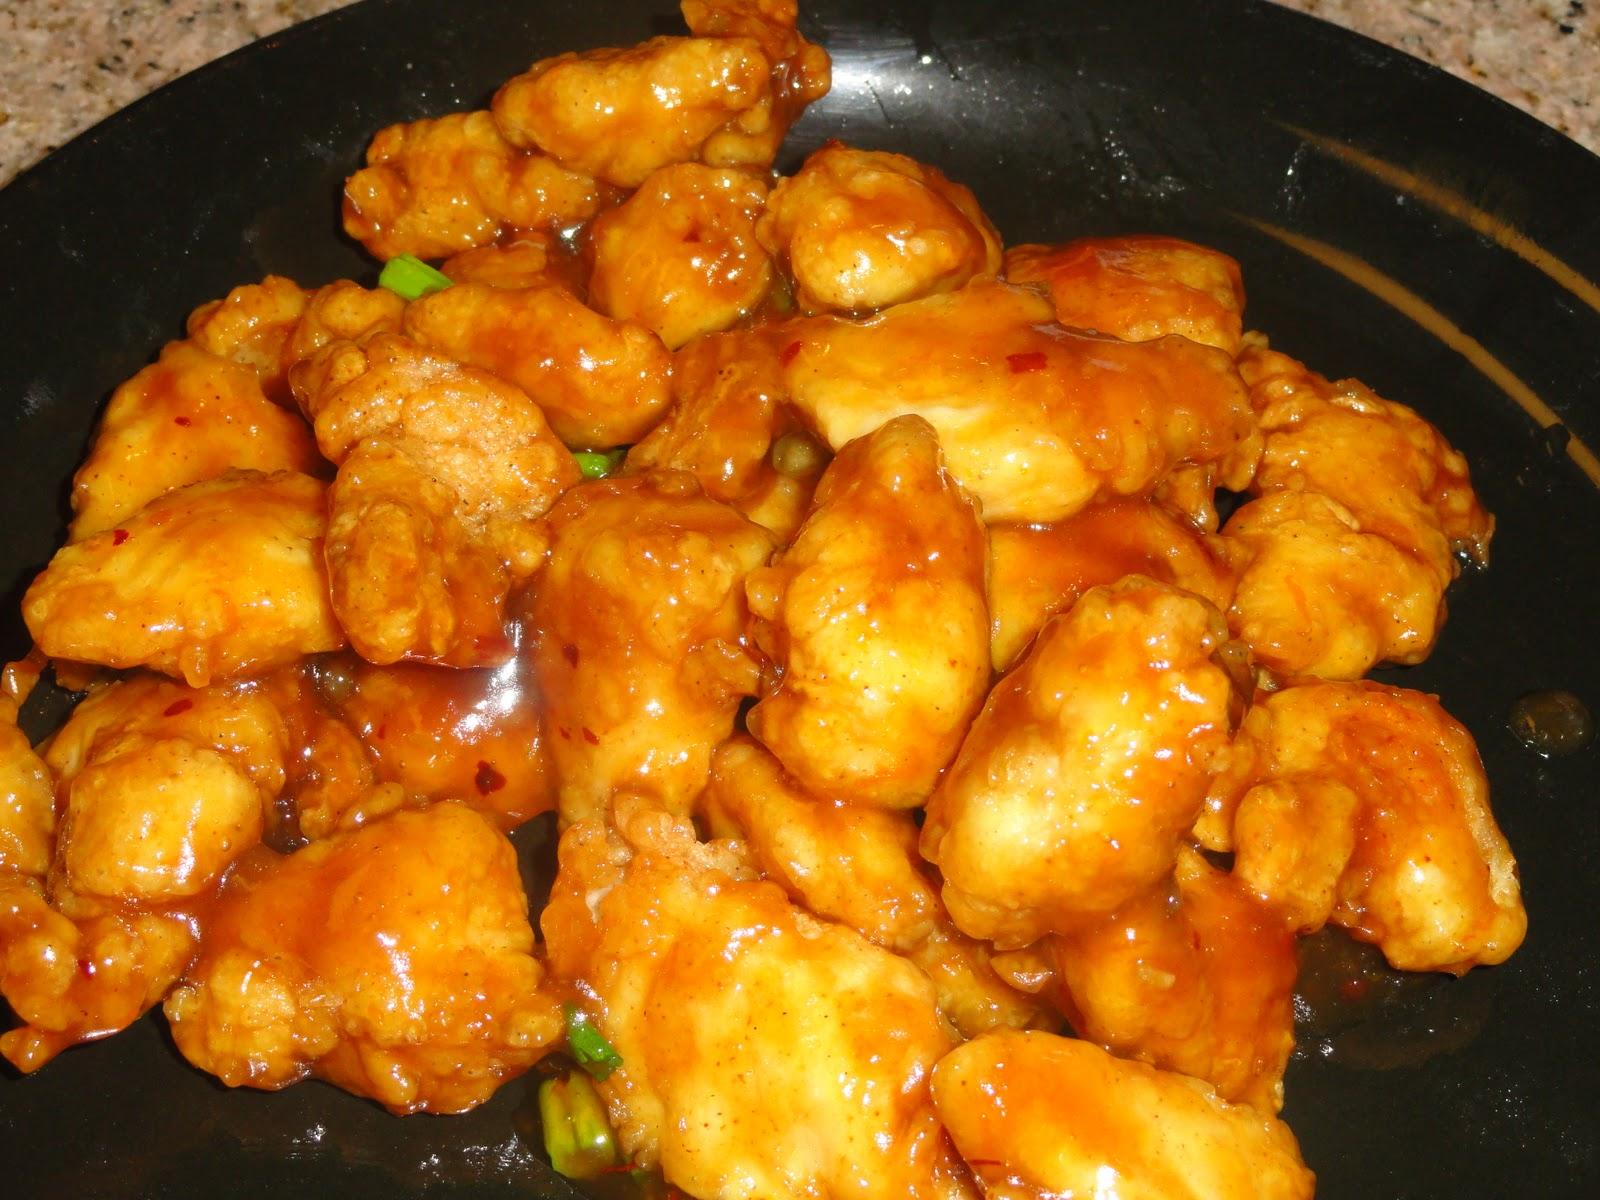 orange chicken recipe chicken fry 2lbs chicken breast cut into bite ...